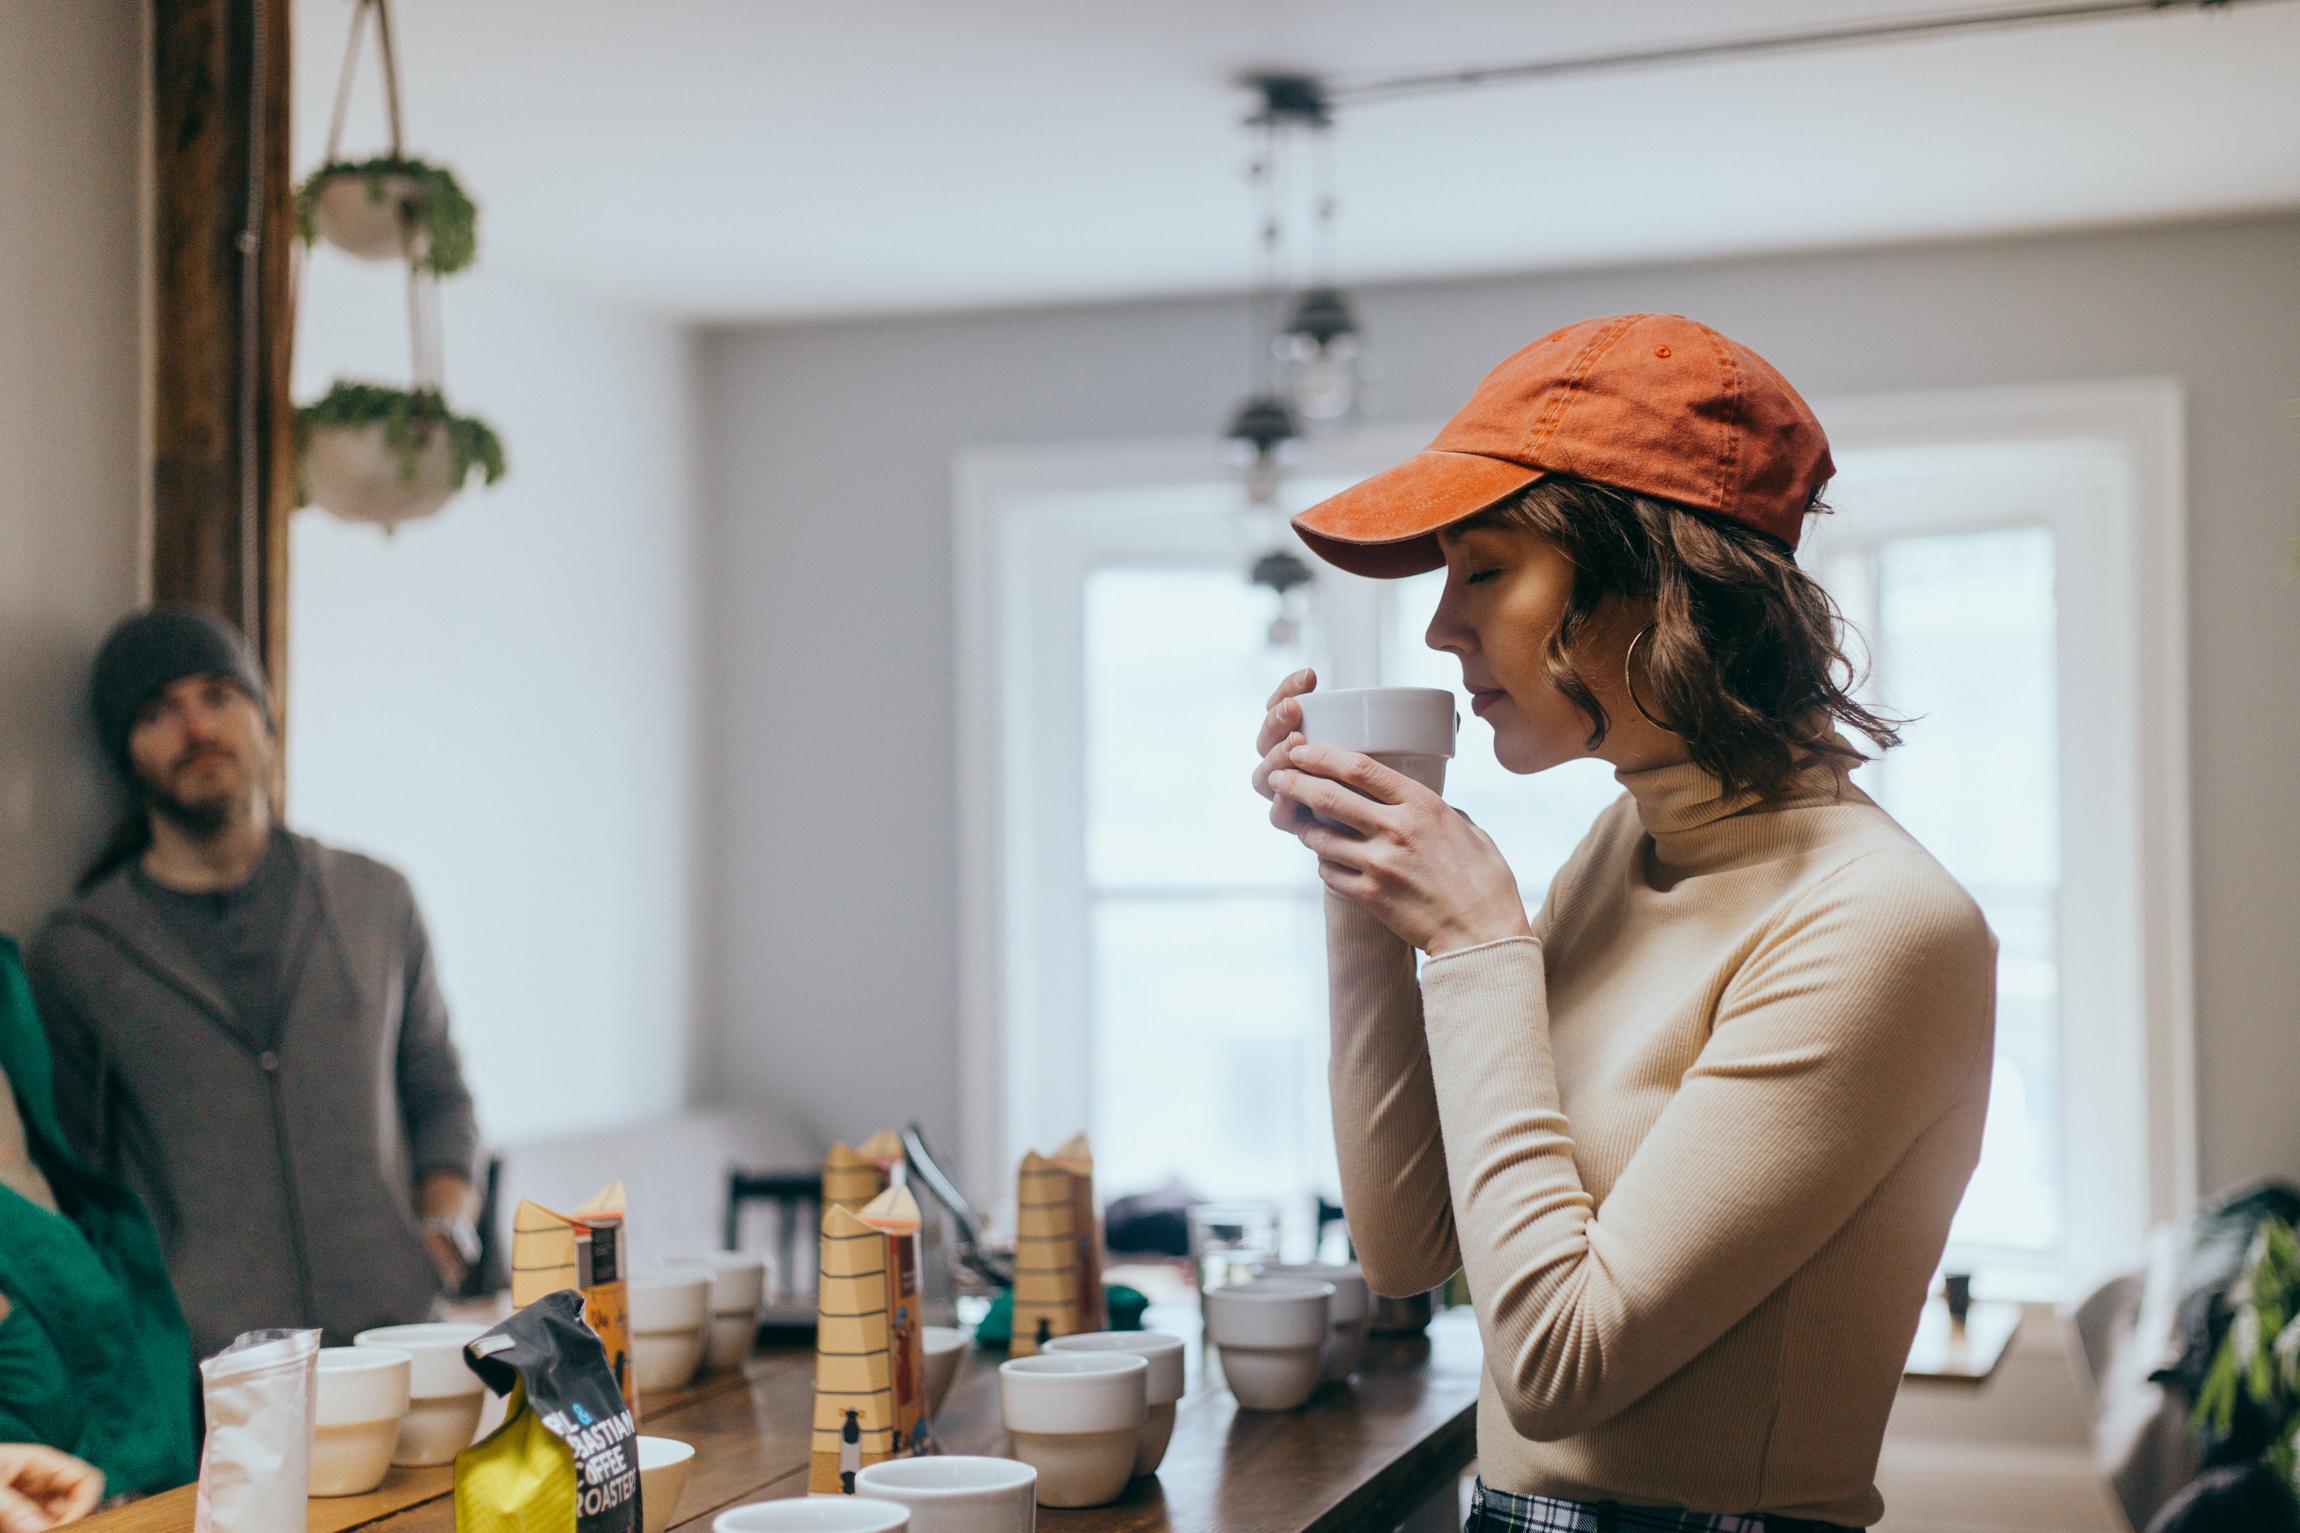 Boxcar Social - Coffee Cupping (Feb 17 2018) - Photo by Alexa Fernando @ajfernando - 24.jpg